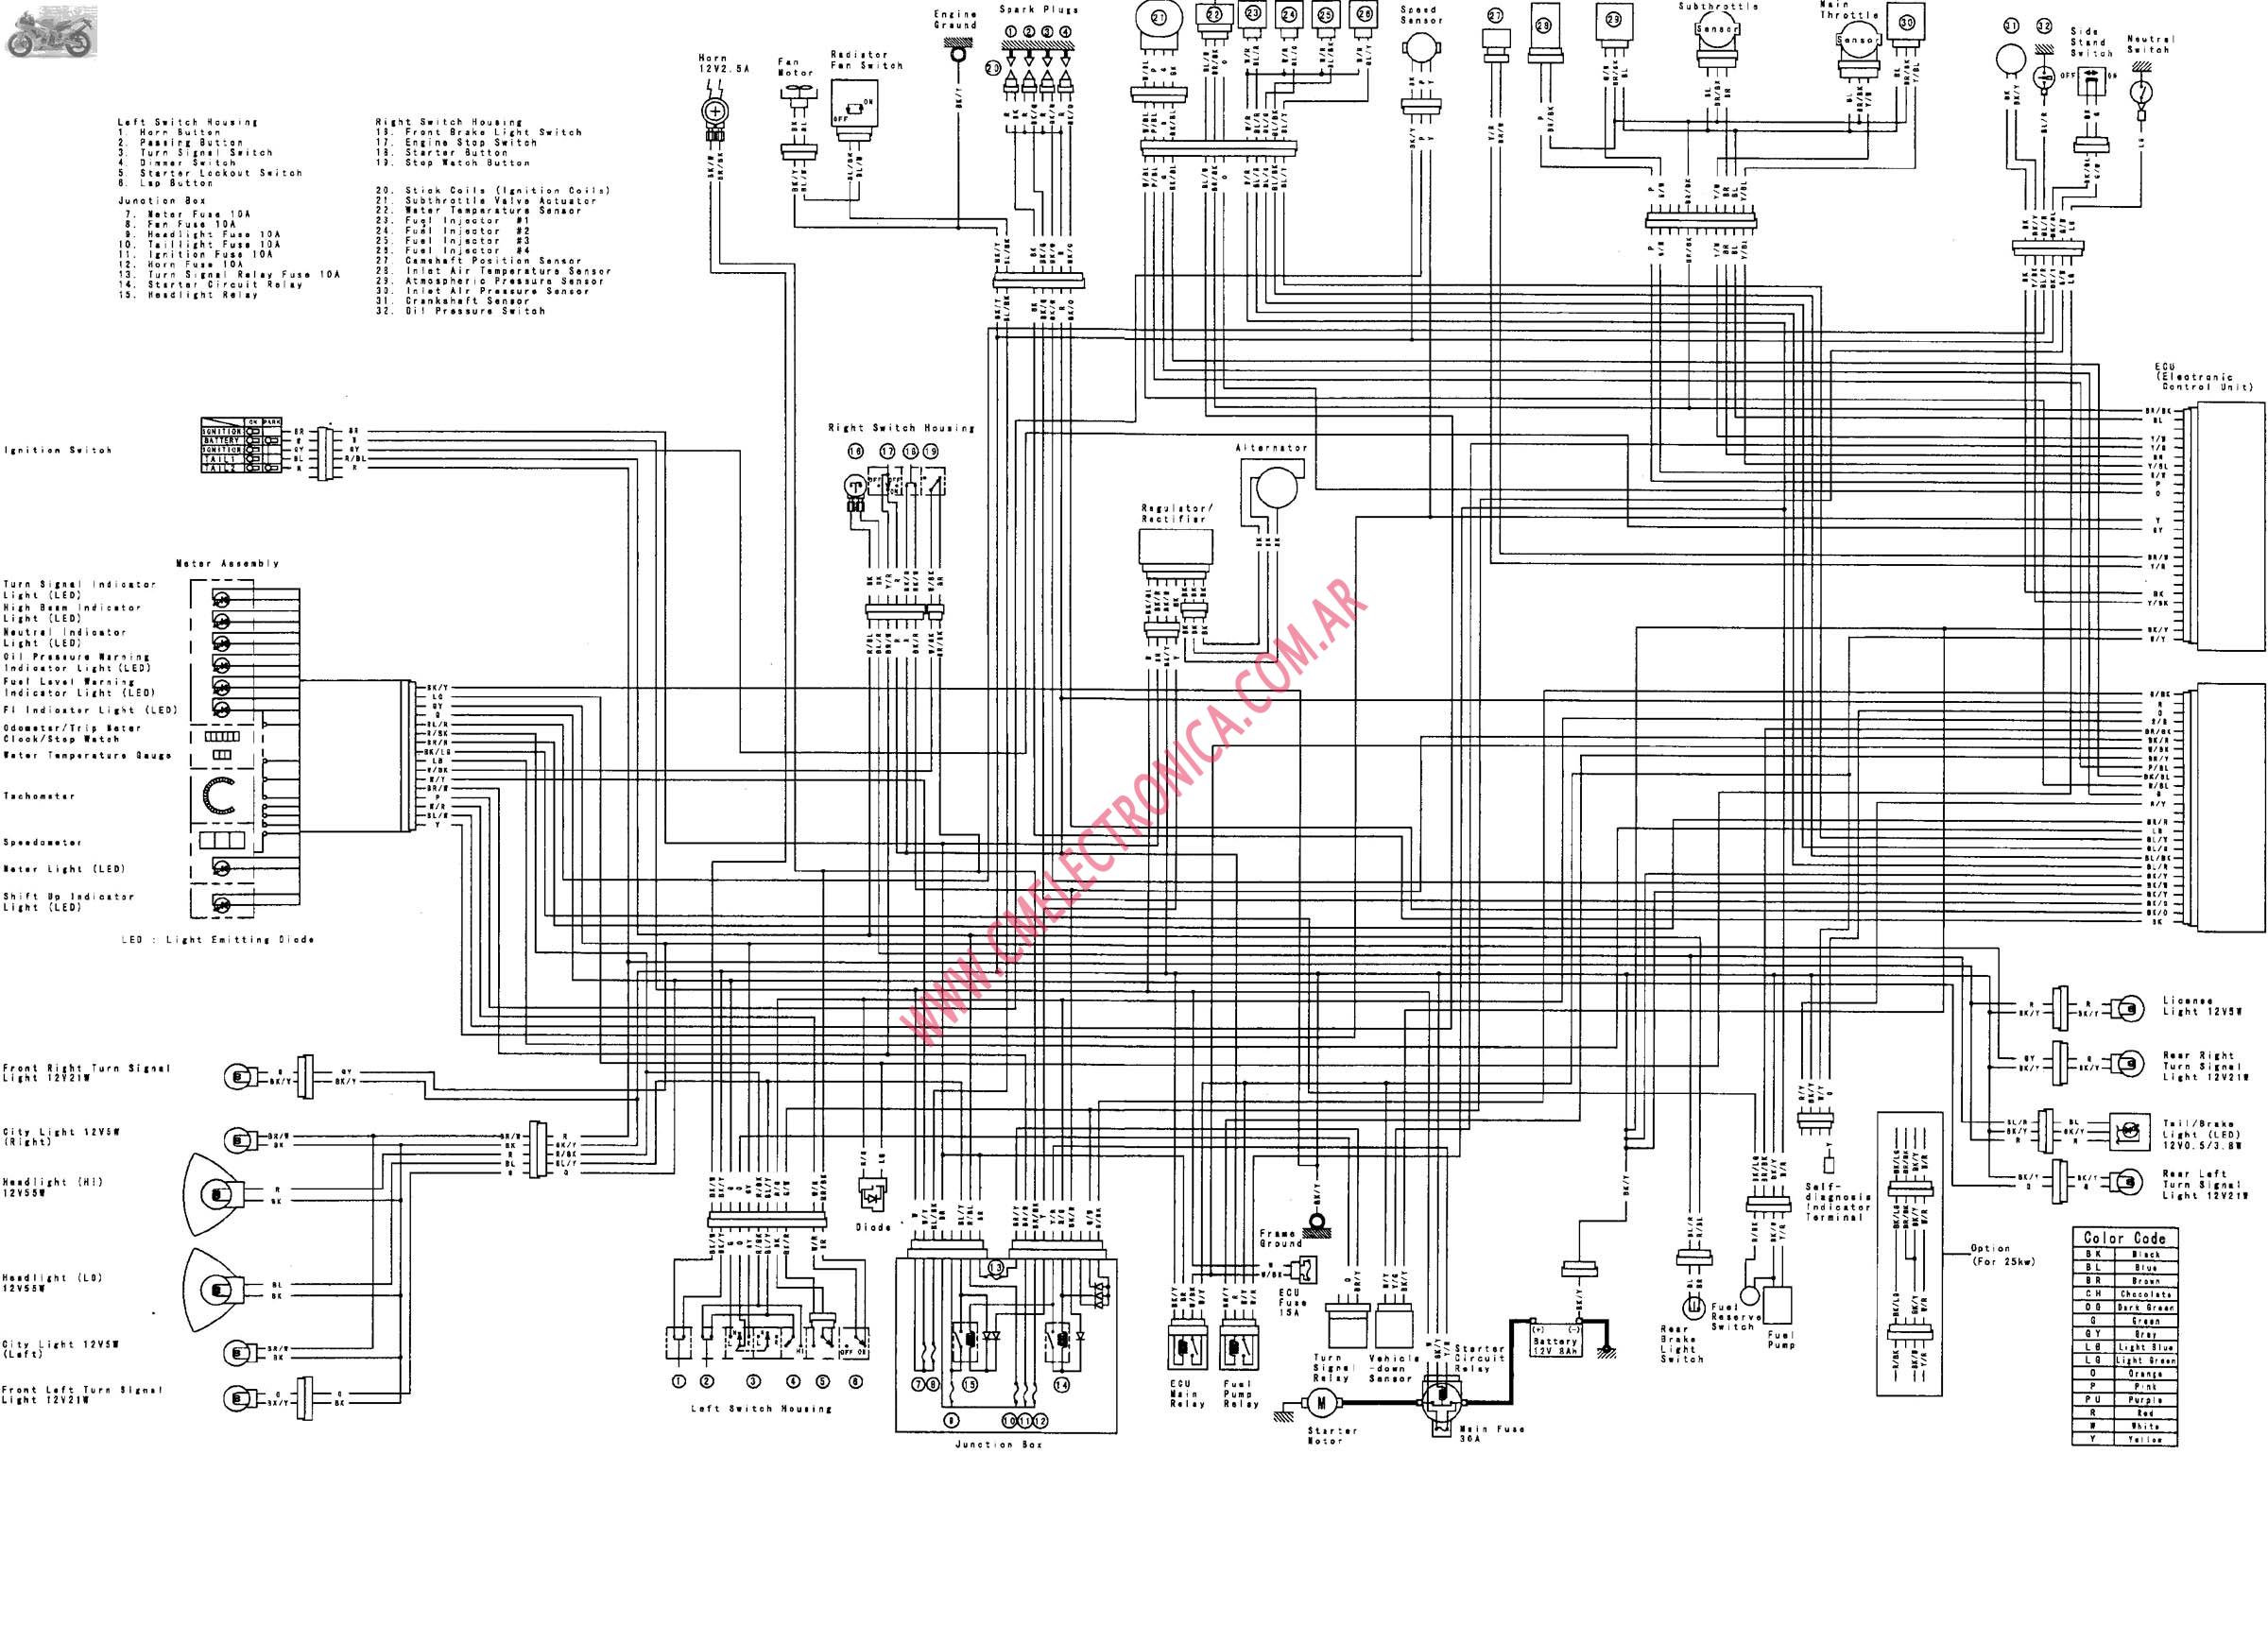 2004 zx6r wiring diagram schematic wiring library  2004 zx6r wiring diagram #8